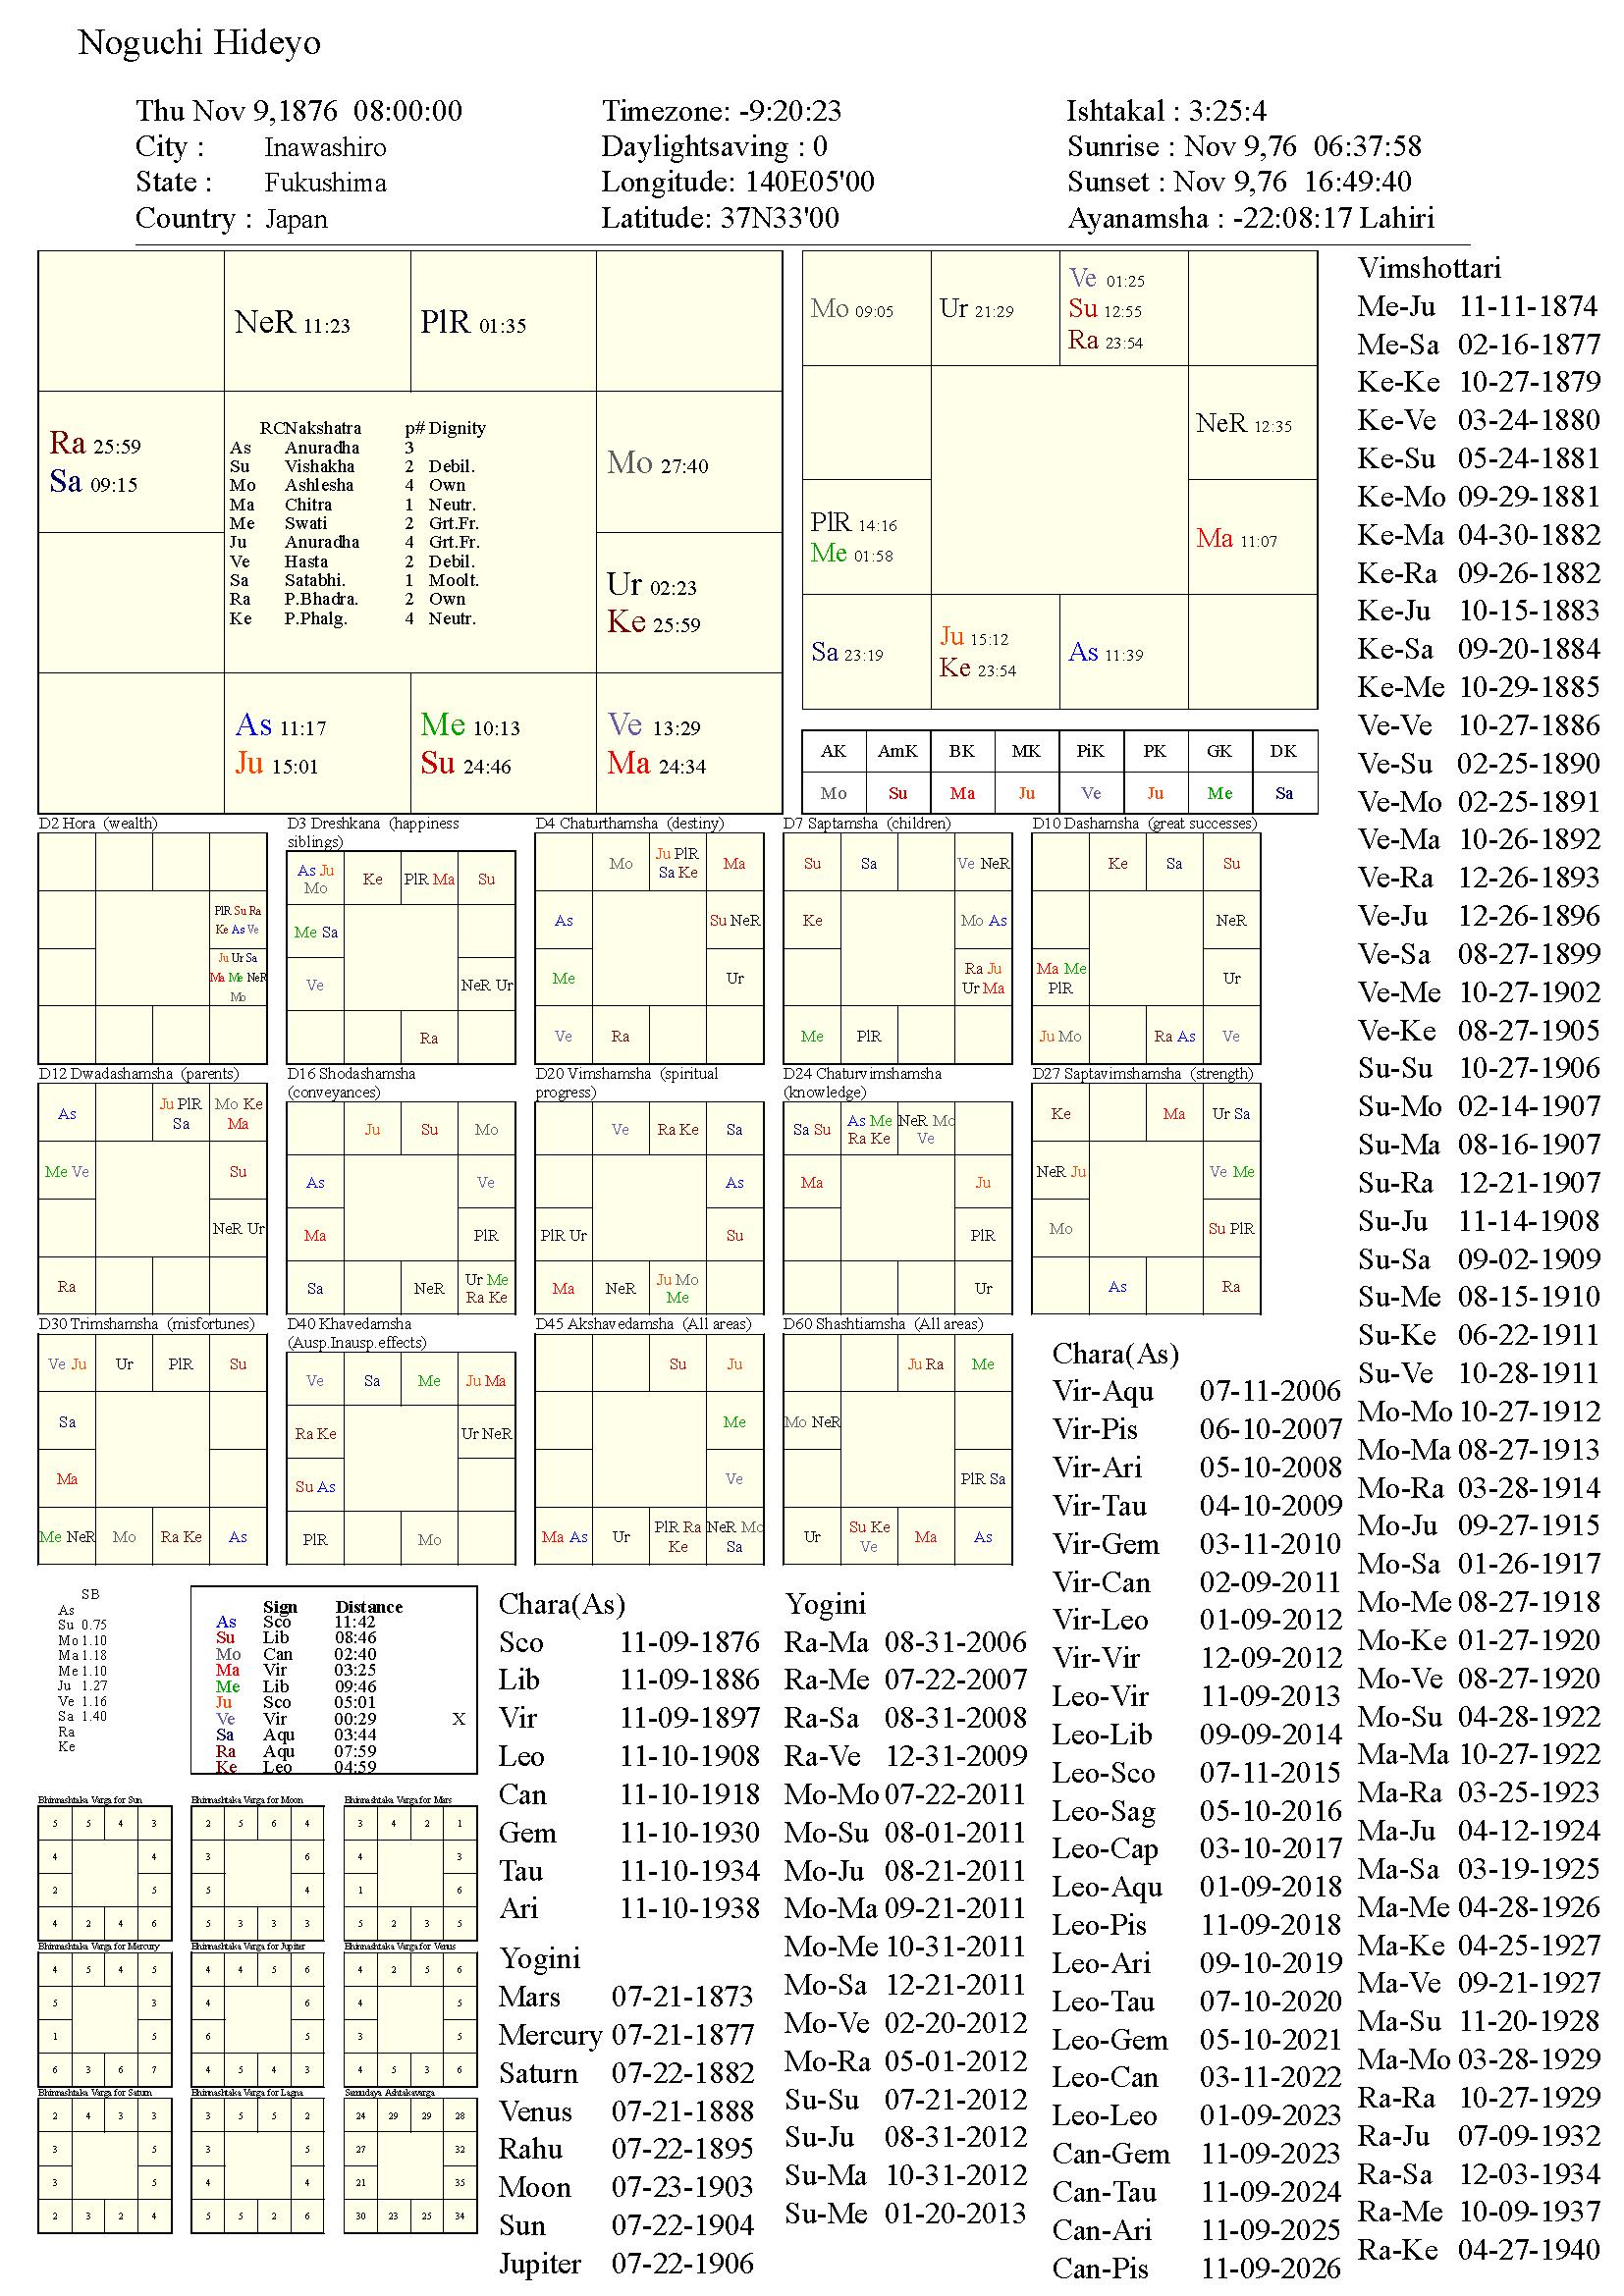 noguchihideyo_chart